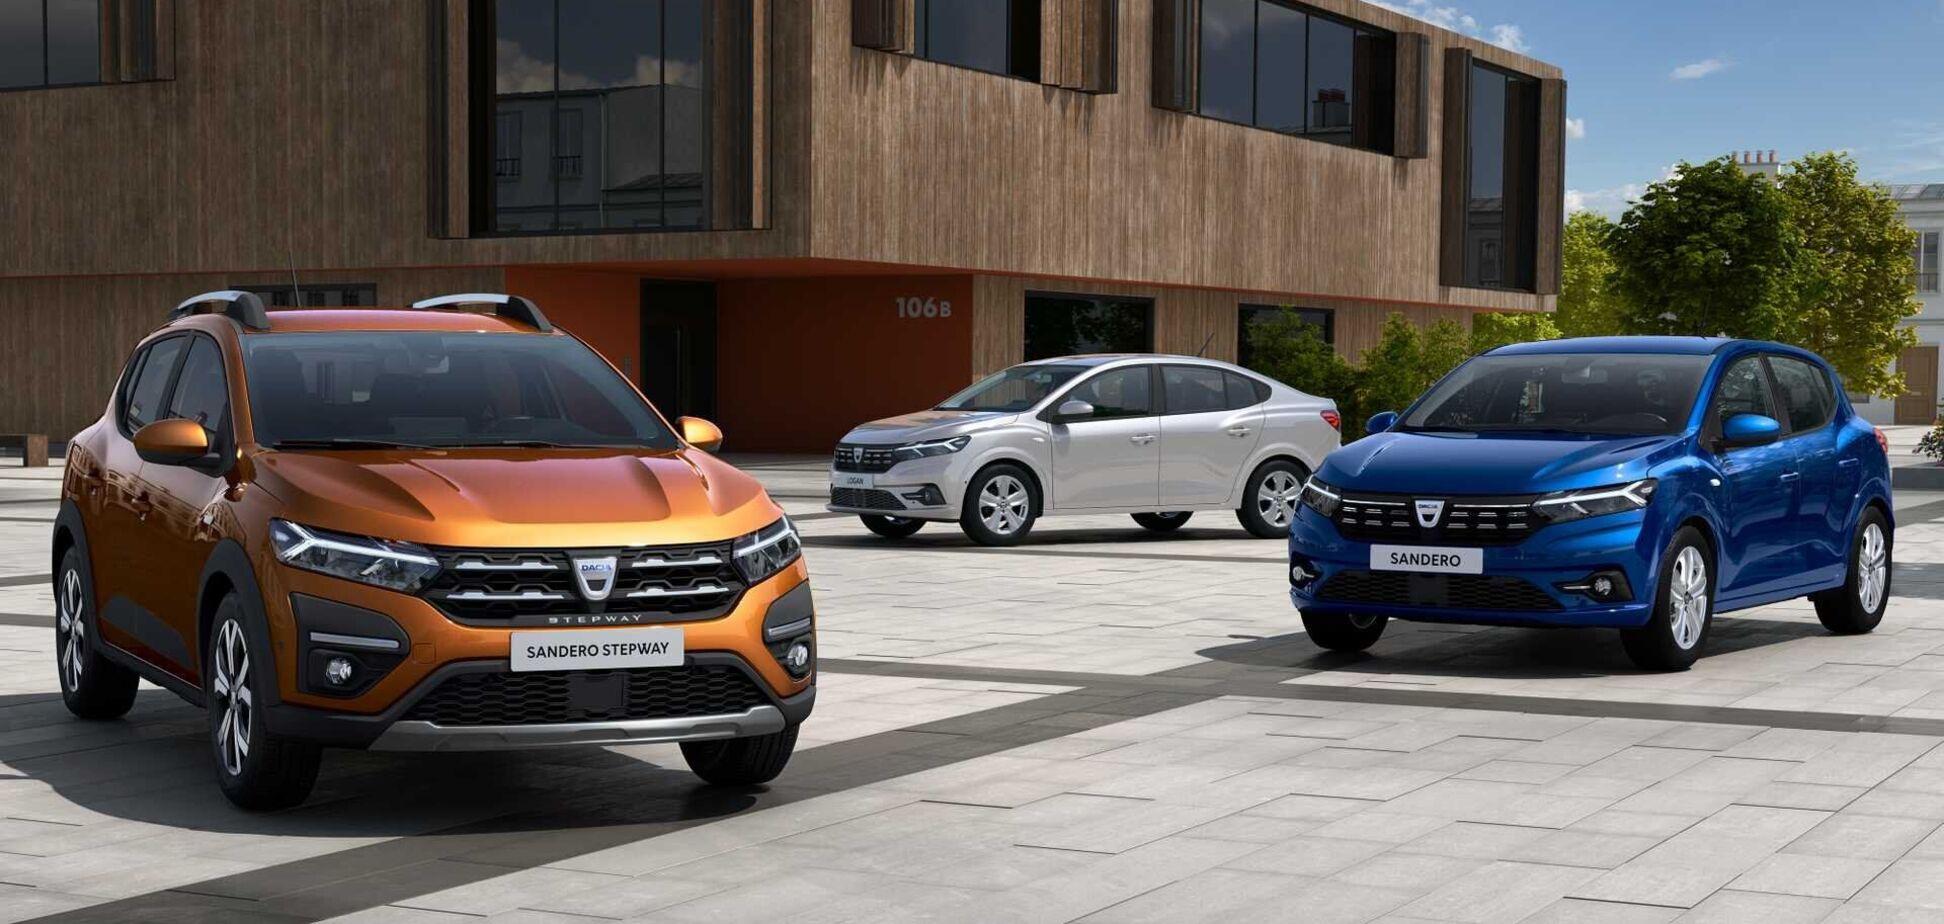 Дизайн Renault Logan, Renault Sandero и Sandero Stepway рассекречен. Фото: Renault